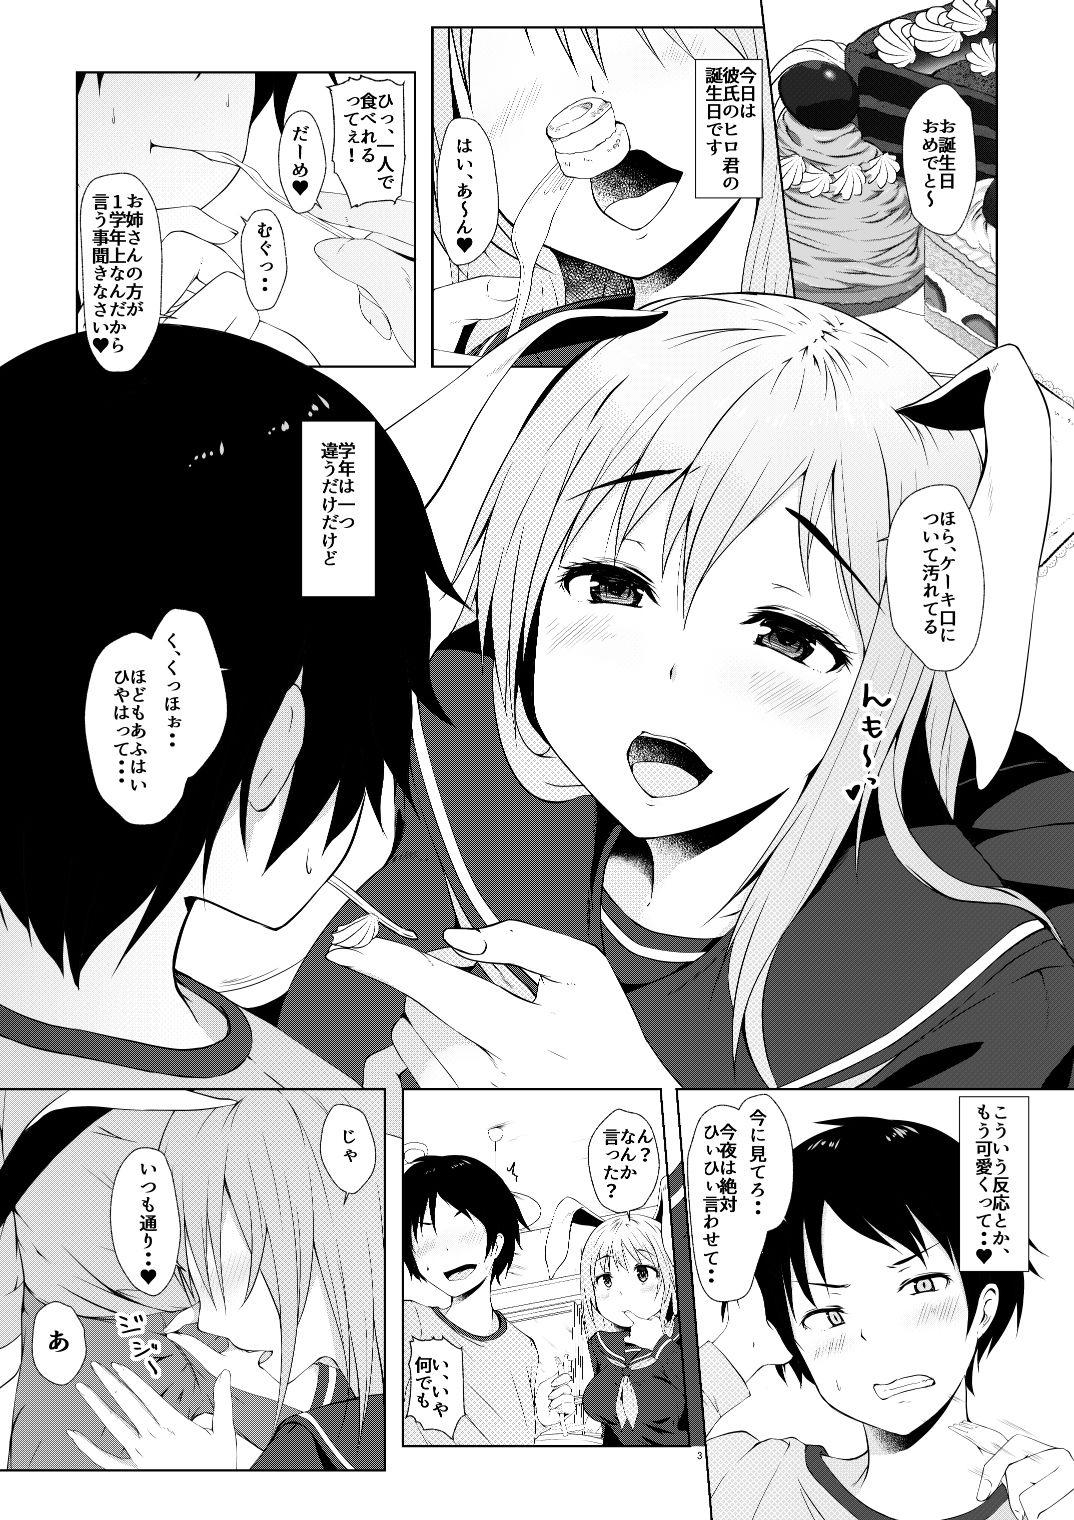 鈴仙のお尻を弄る本 エロアニメ画像